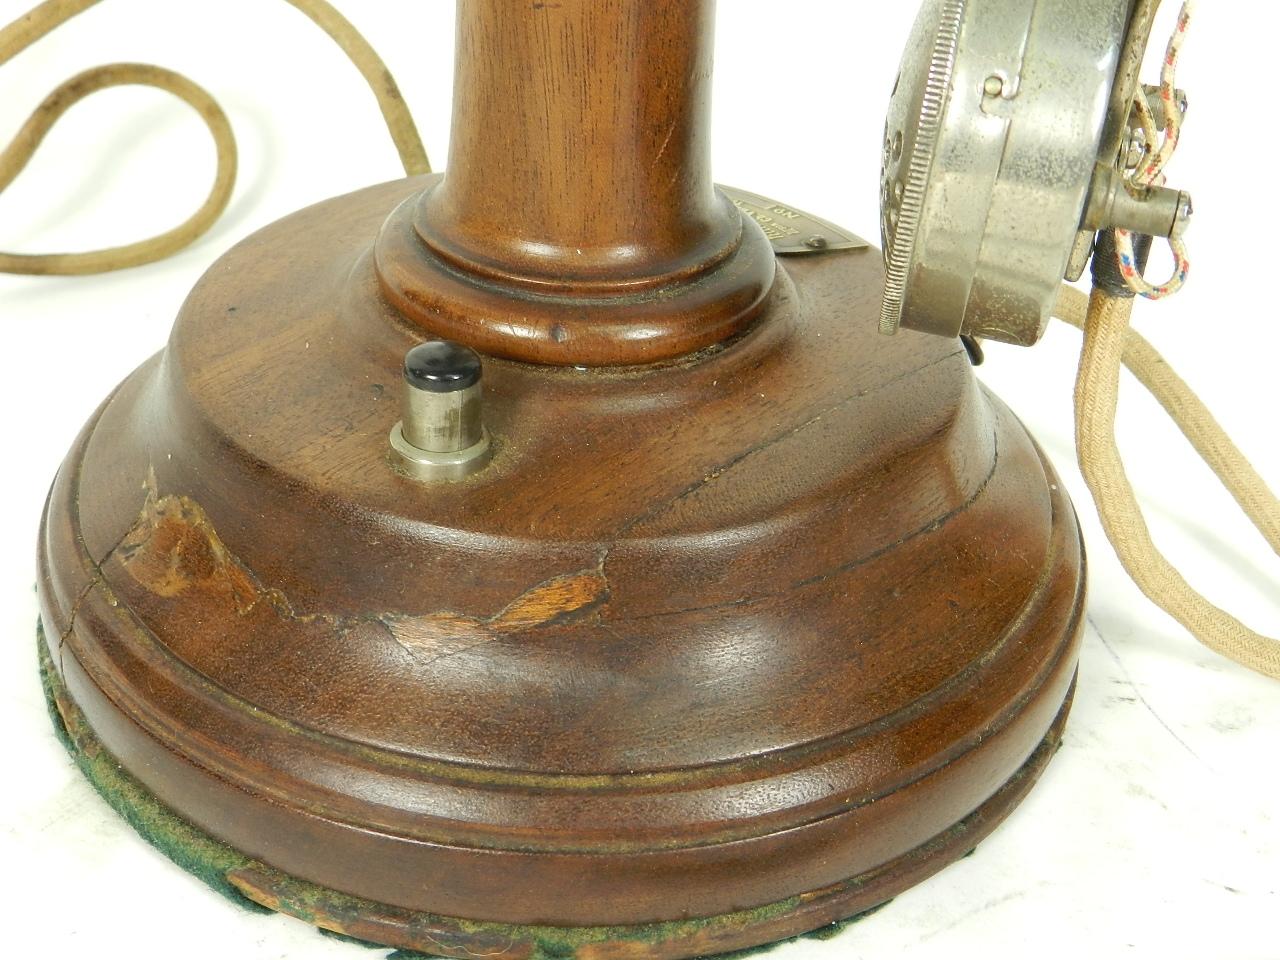 Imagen TELEFONO  GRAMMONT AÑO 1920 29496